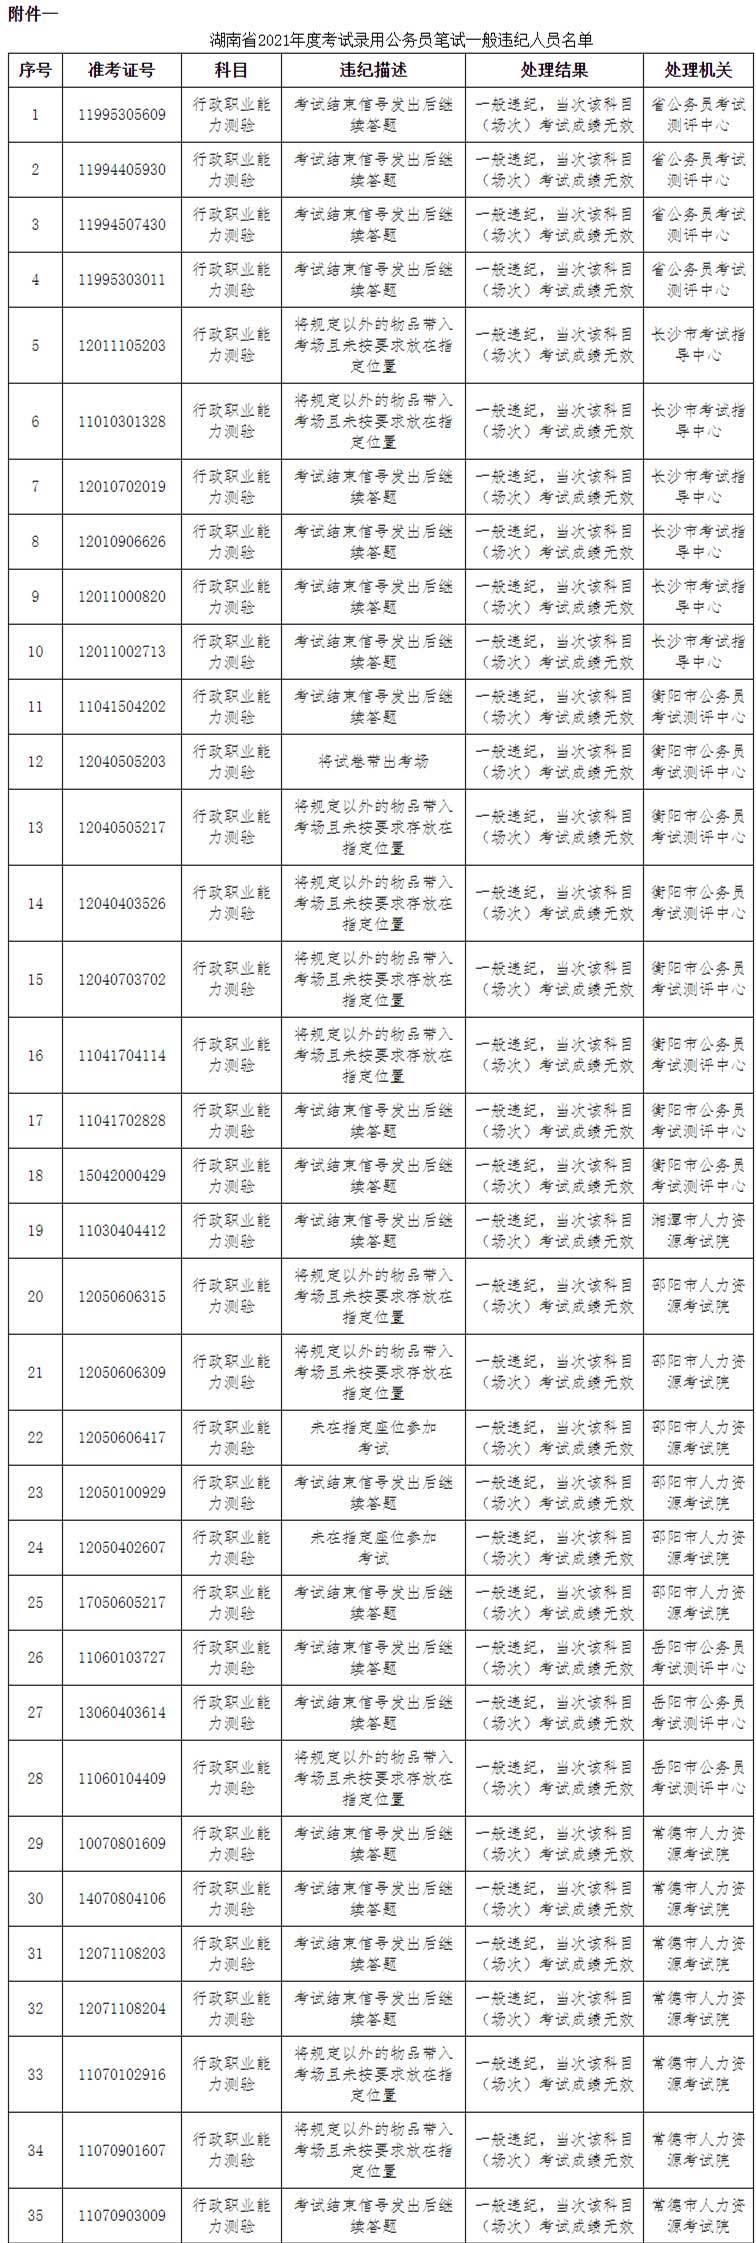 湖南公務員考試83人作弊被通報: 73人違紀違規 10人答卷雷同-圖1